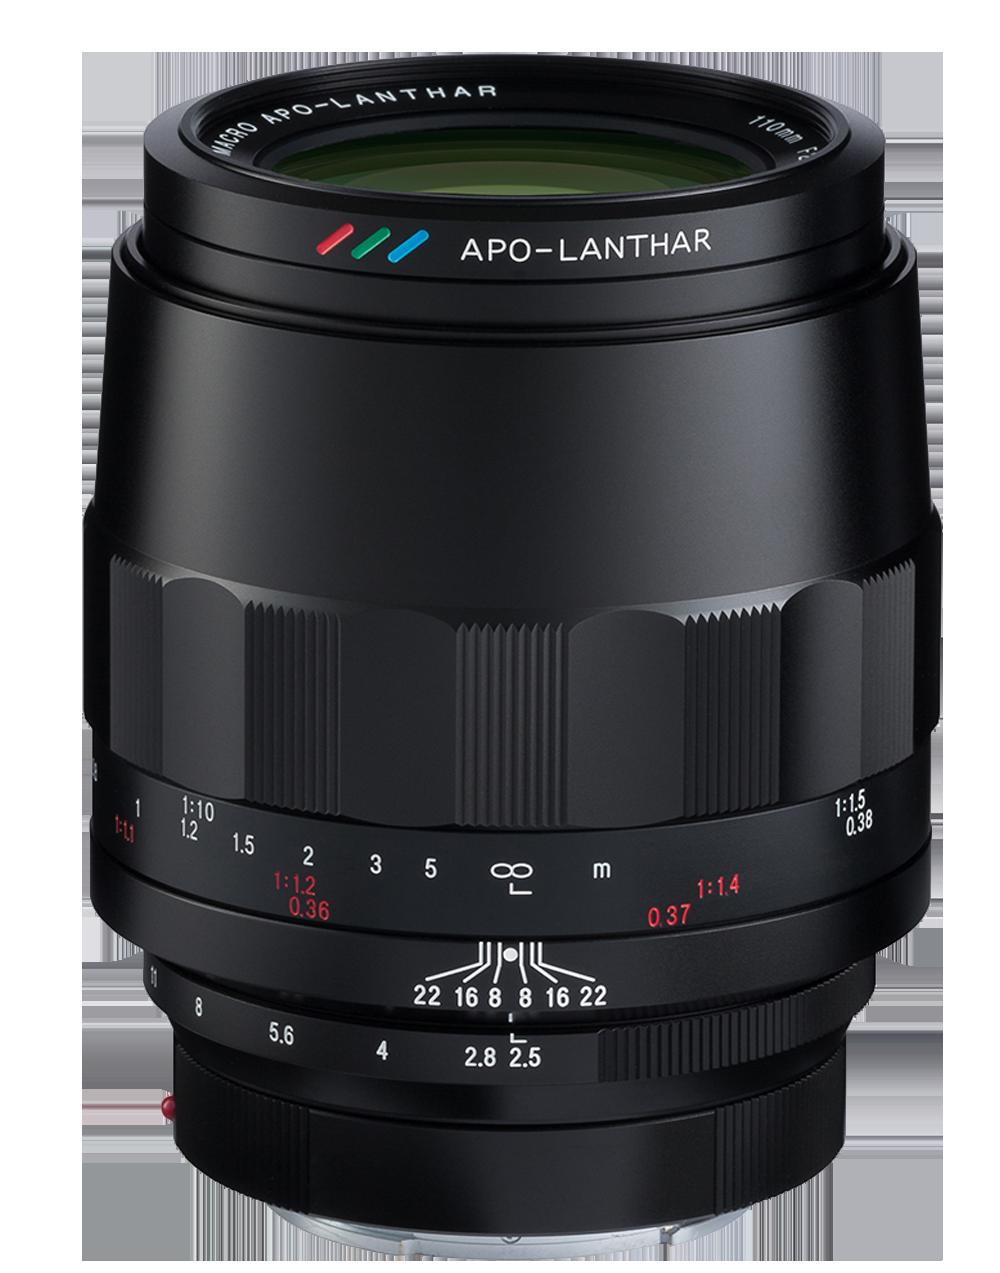 110mm/1:2,5 Macro APO-LANTHAR